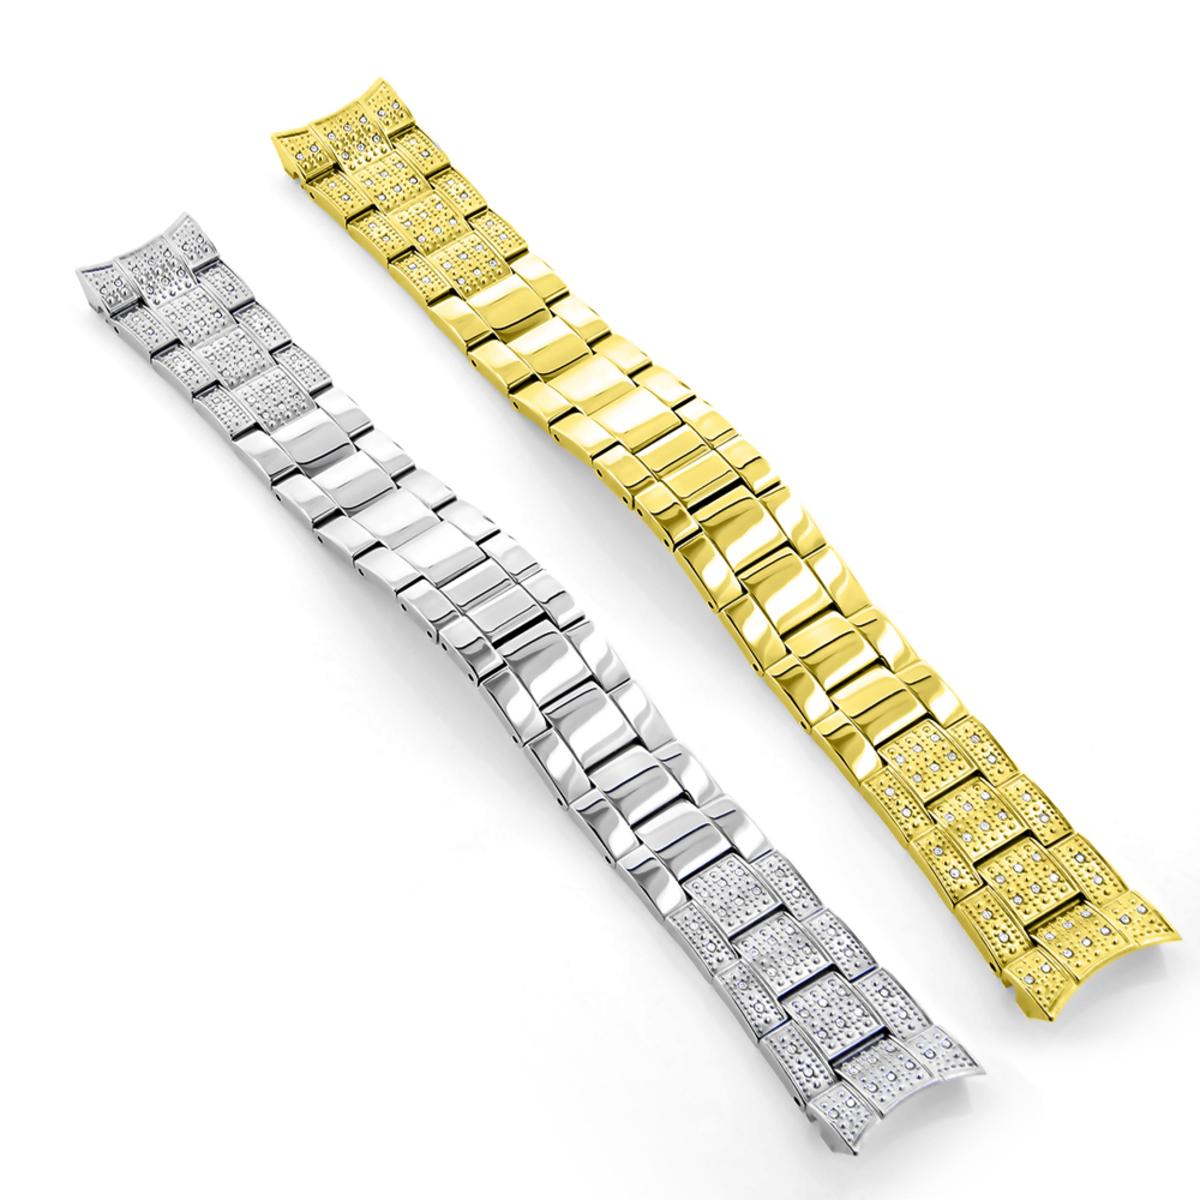 Diamond Watch Band for Luxurman Liberty 0.75ct Watch Accessory